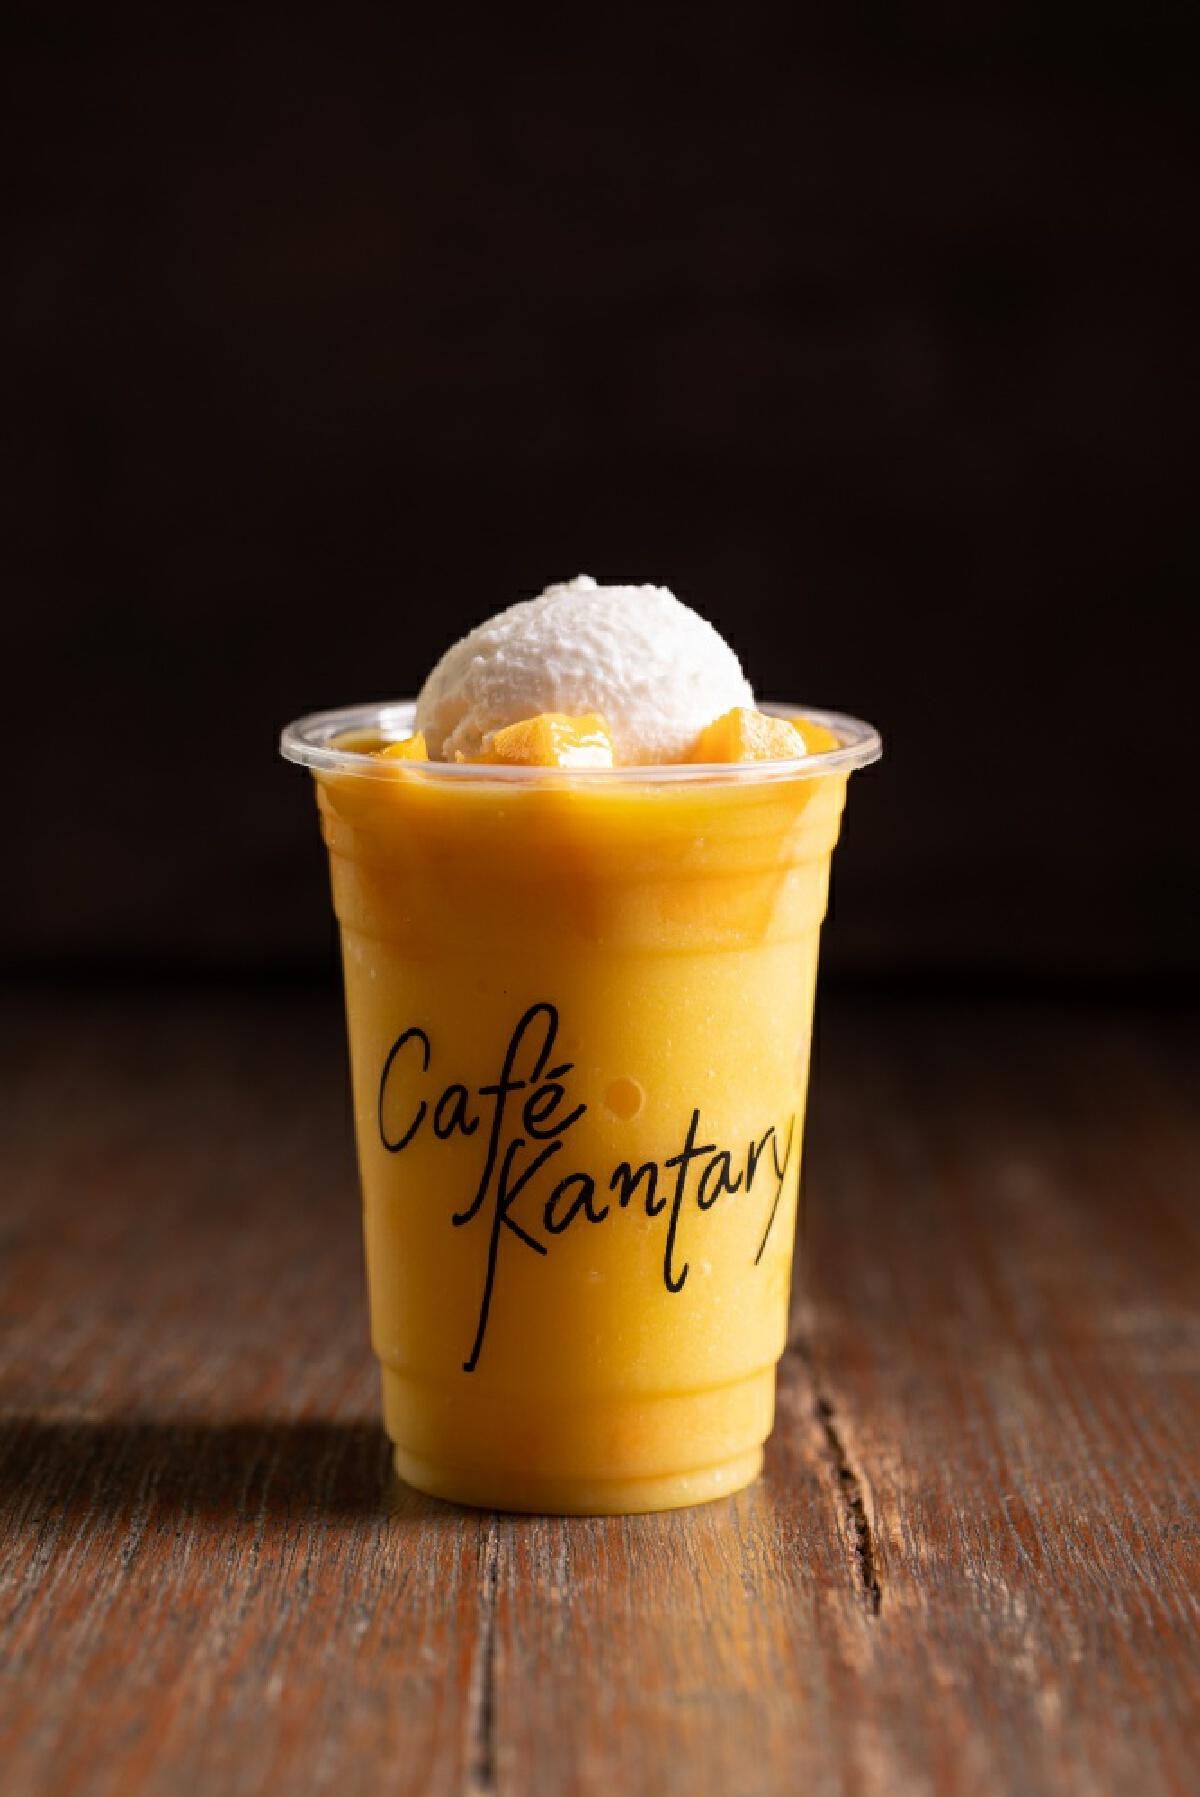 """คาเฟ่ แคนทารี"""" เอาใจคนรักมะม่วง  ฟินเว่อร์กับความอร่อย.....ต้อนรับซัมเมอร์"""